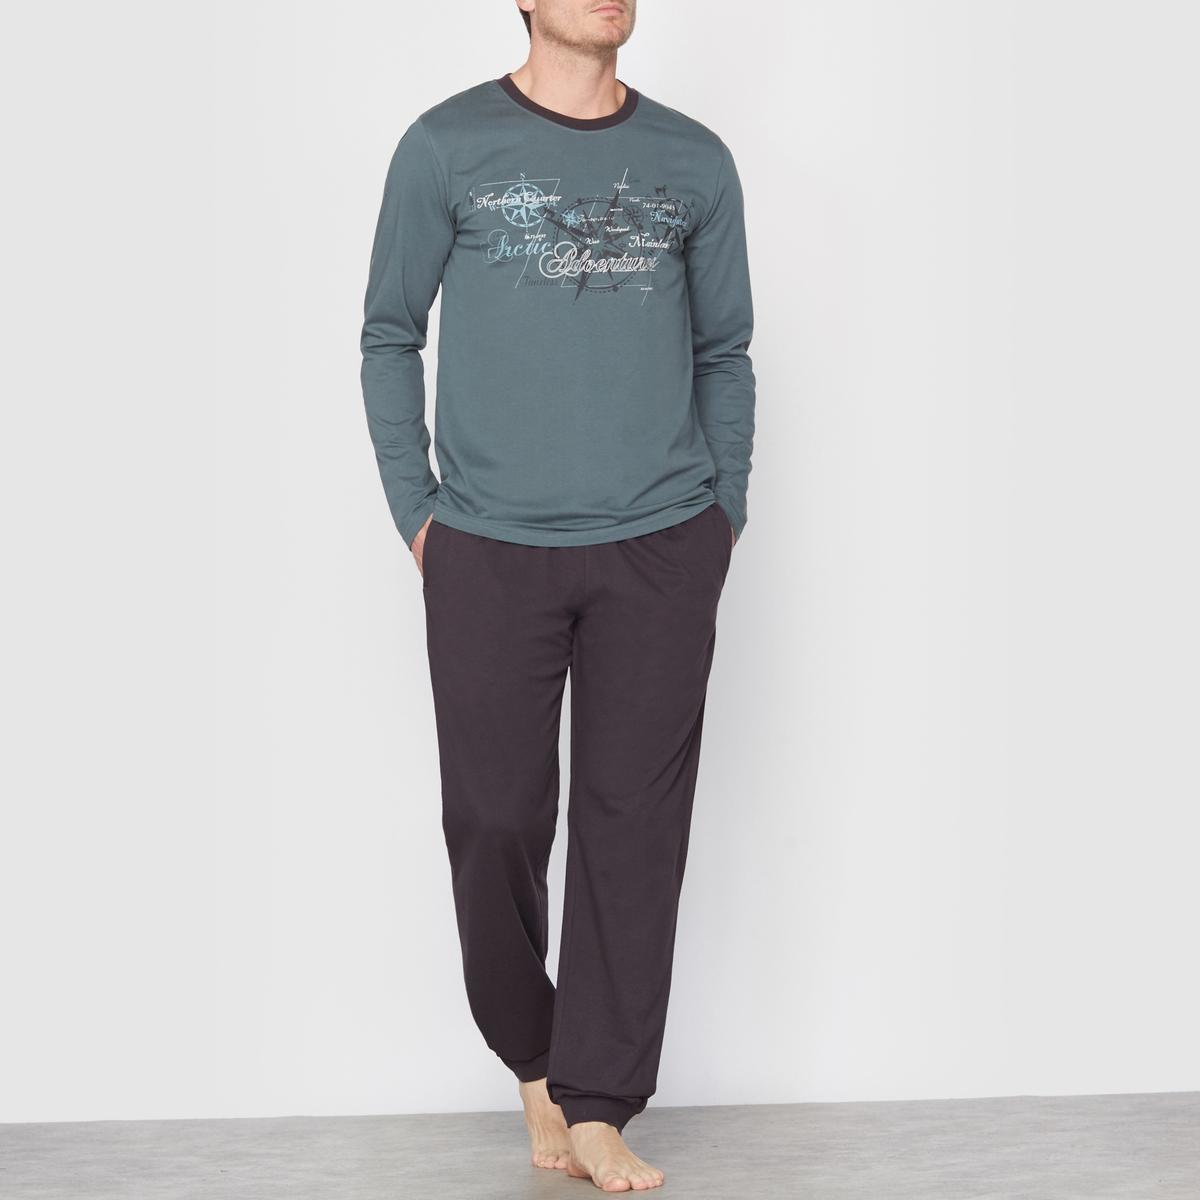 Пижама из хлопкового джерси*Международный лейбл Oeko-Tex® дает гарантию того, что товары не содержат опасных  для здоровья человека или раздражающих кожу веществ.<br><br>Цвет: серо-зеленый/антрацит